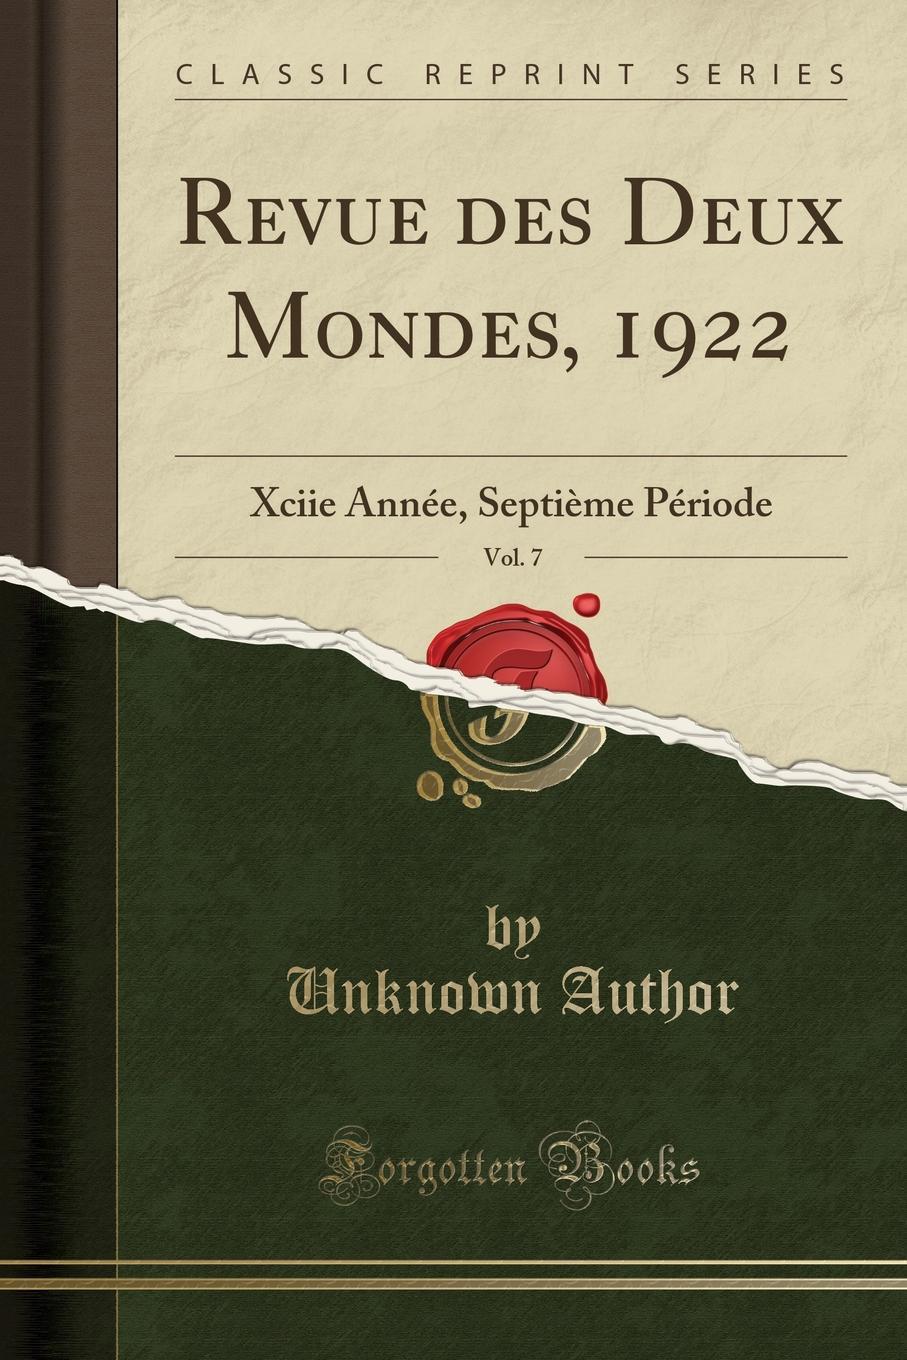 Unknown Author Revue des Deux Mondes, 1922, Vol. 7. Xciie Annee, Septieme Periode (Classic Reprint) unknown author revue des deux mondes 1886 vol 74 lvie annee troisieme periode classic reprint